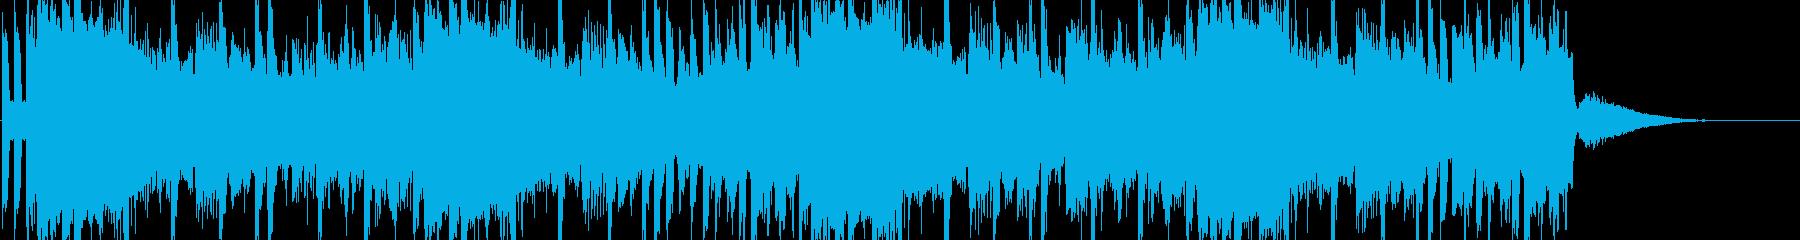 トラップ ヒップホップ レトロ ほ...の再生済みの波形